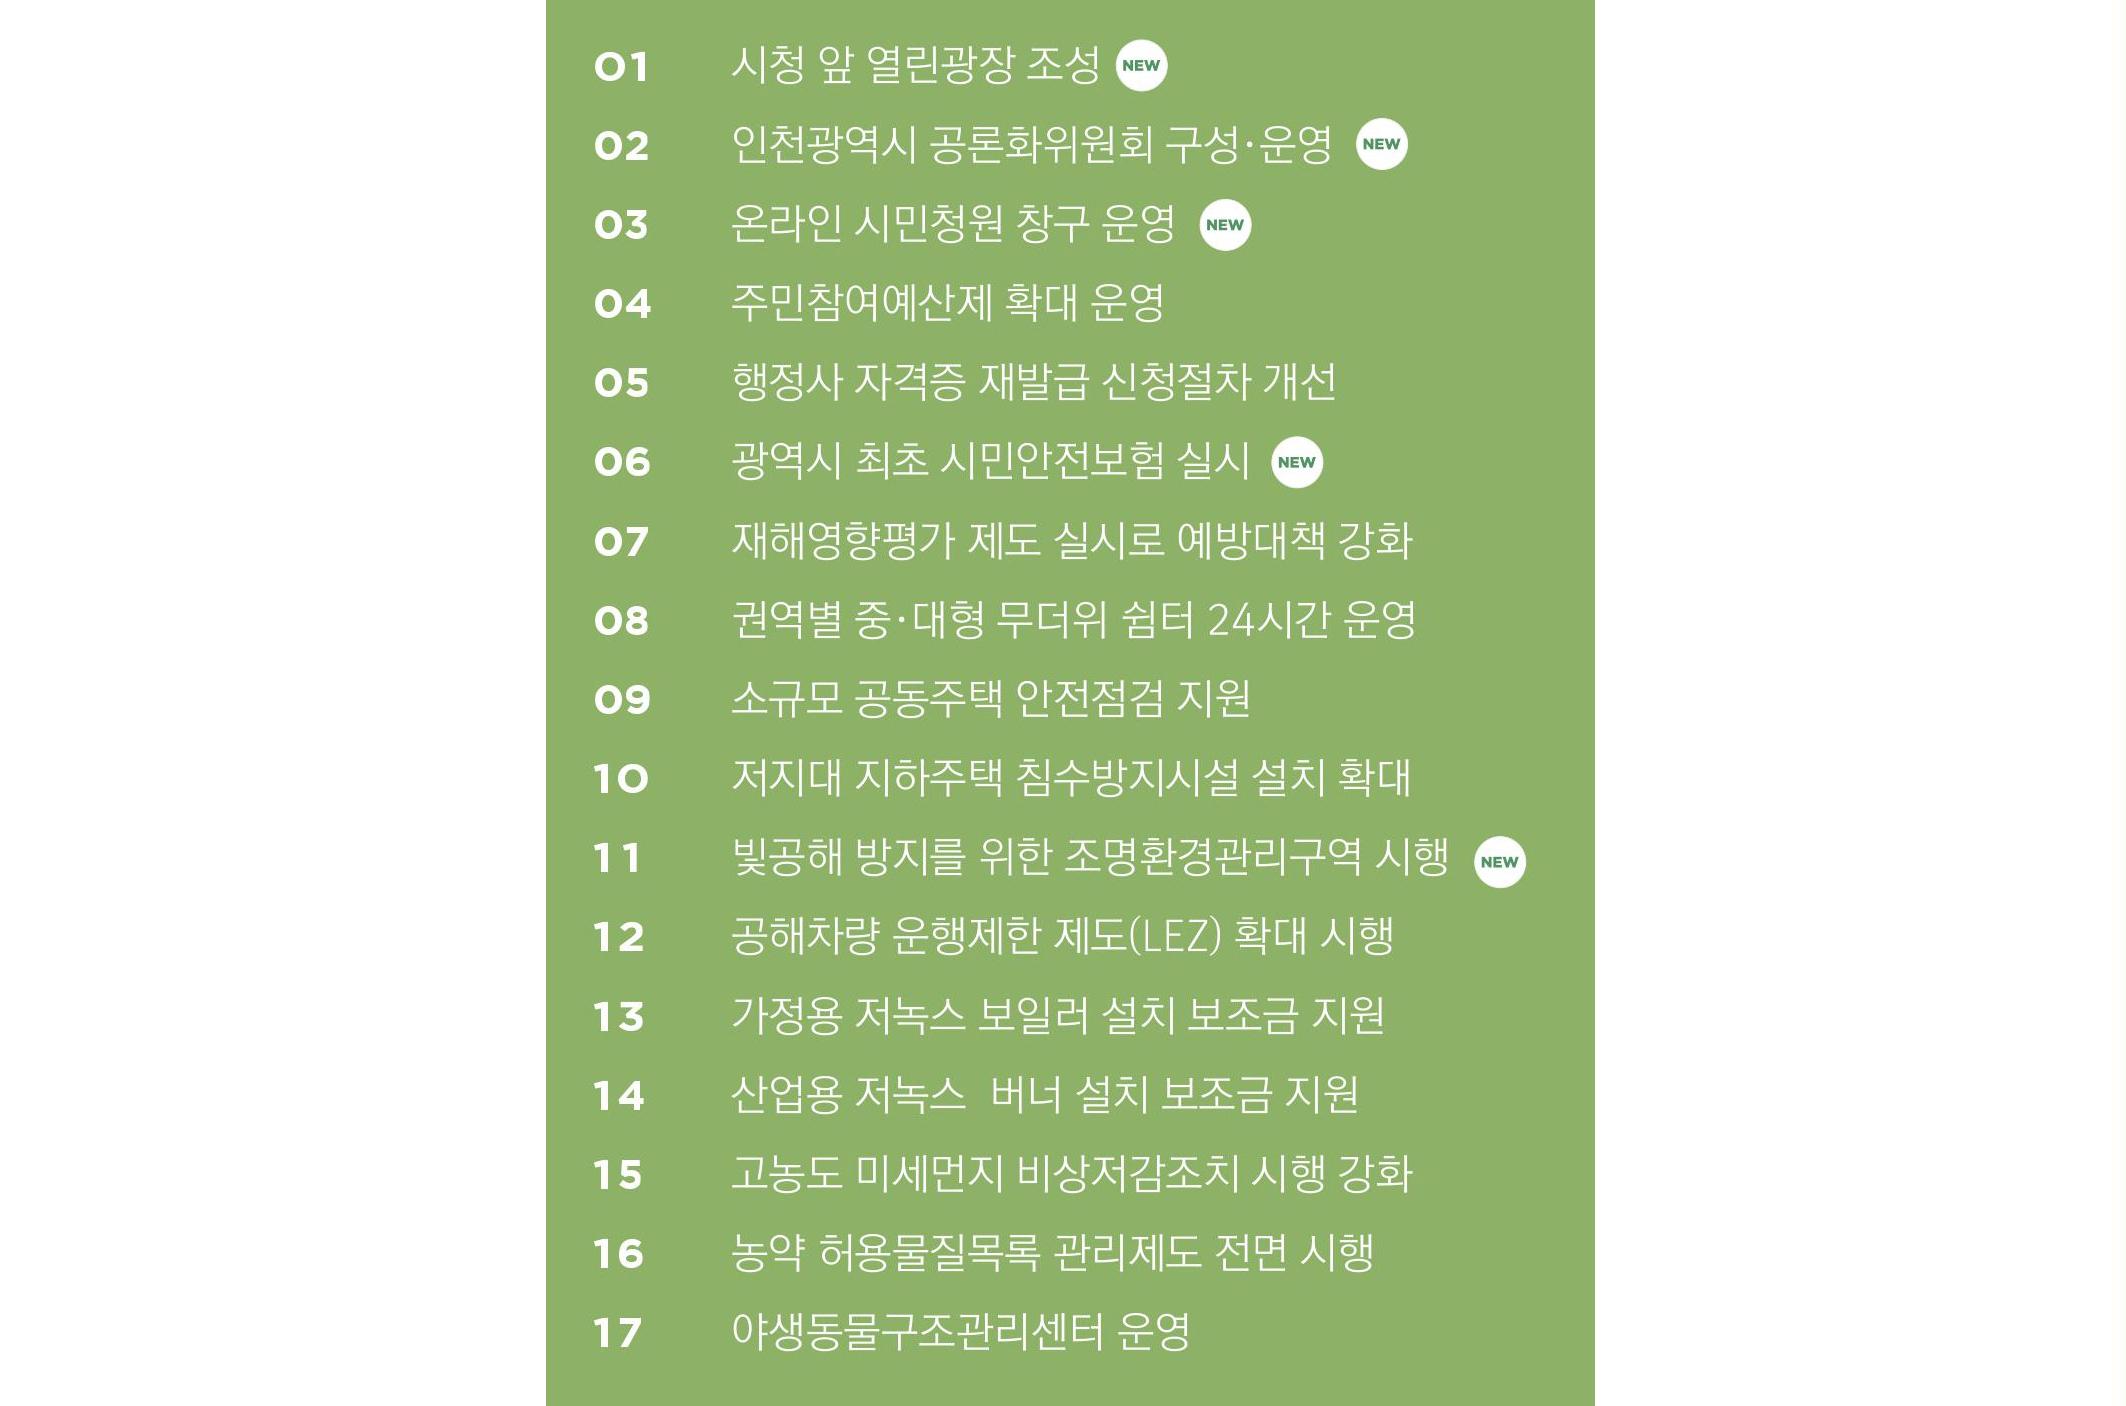 2019년 인천 생활 환경 안전 달라지는 것들